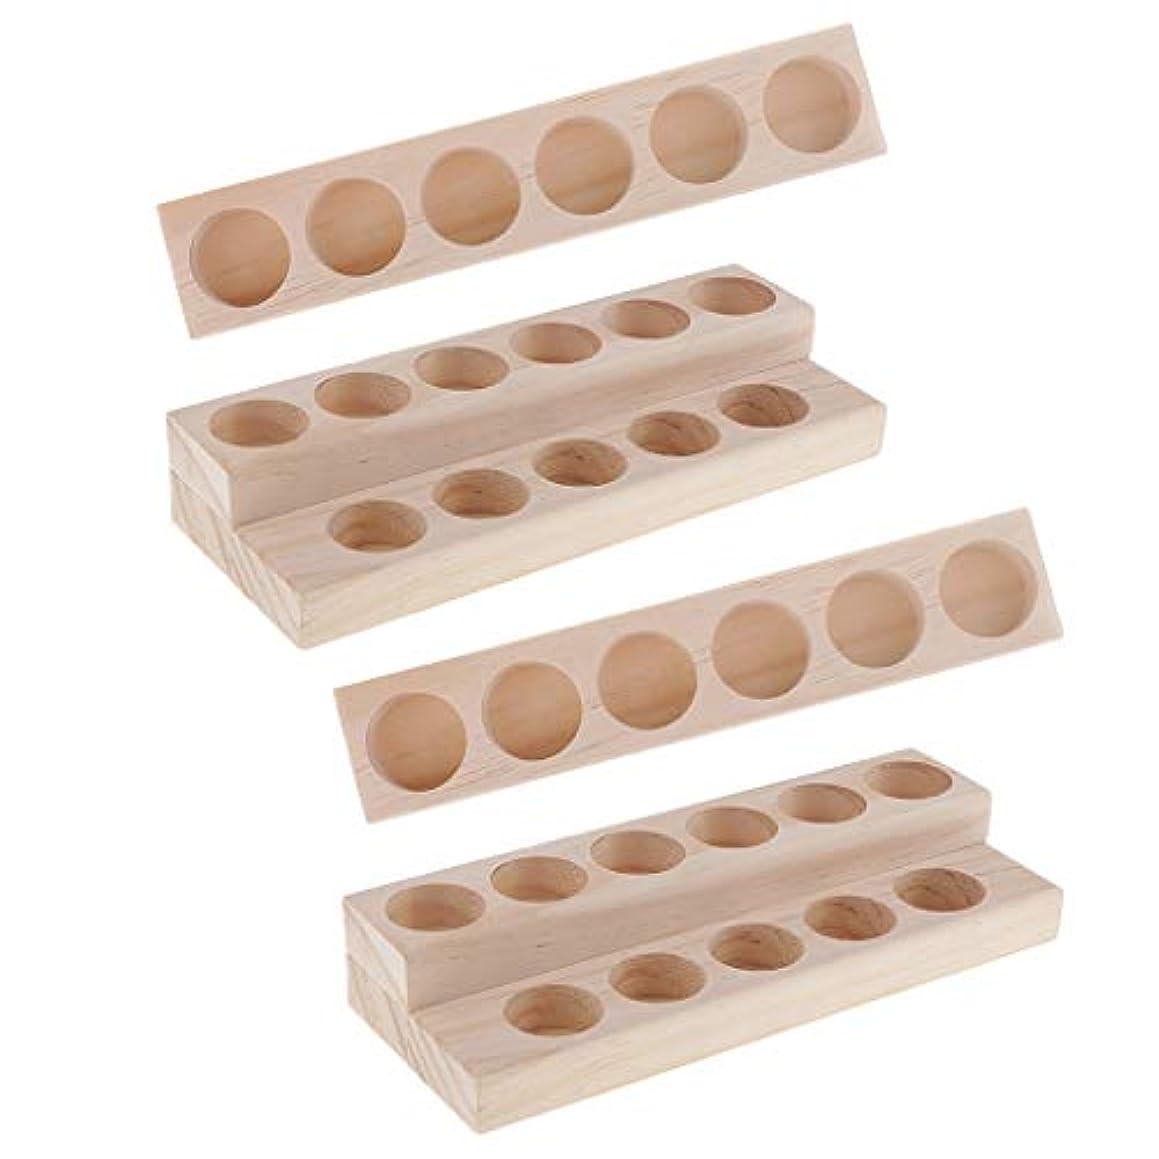 フリンジ交換可能ゆるくHellery 木製 エッセンシャルオイル ディスプレイ 香水瓶収納 マニキュアスタンド 美容室 ネイルサロン 用品 4個入り